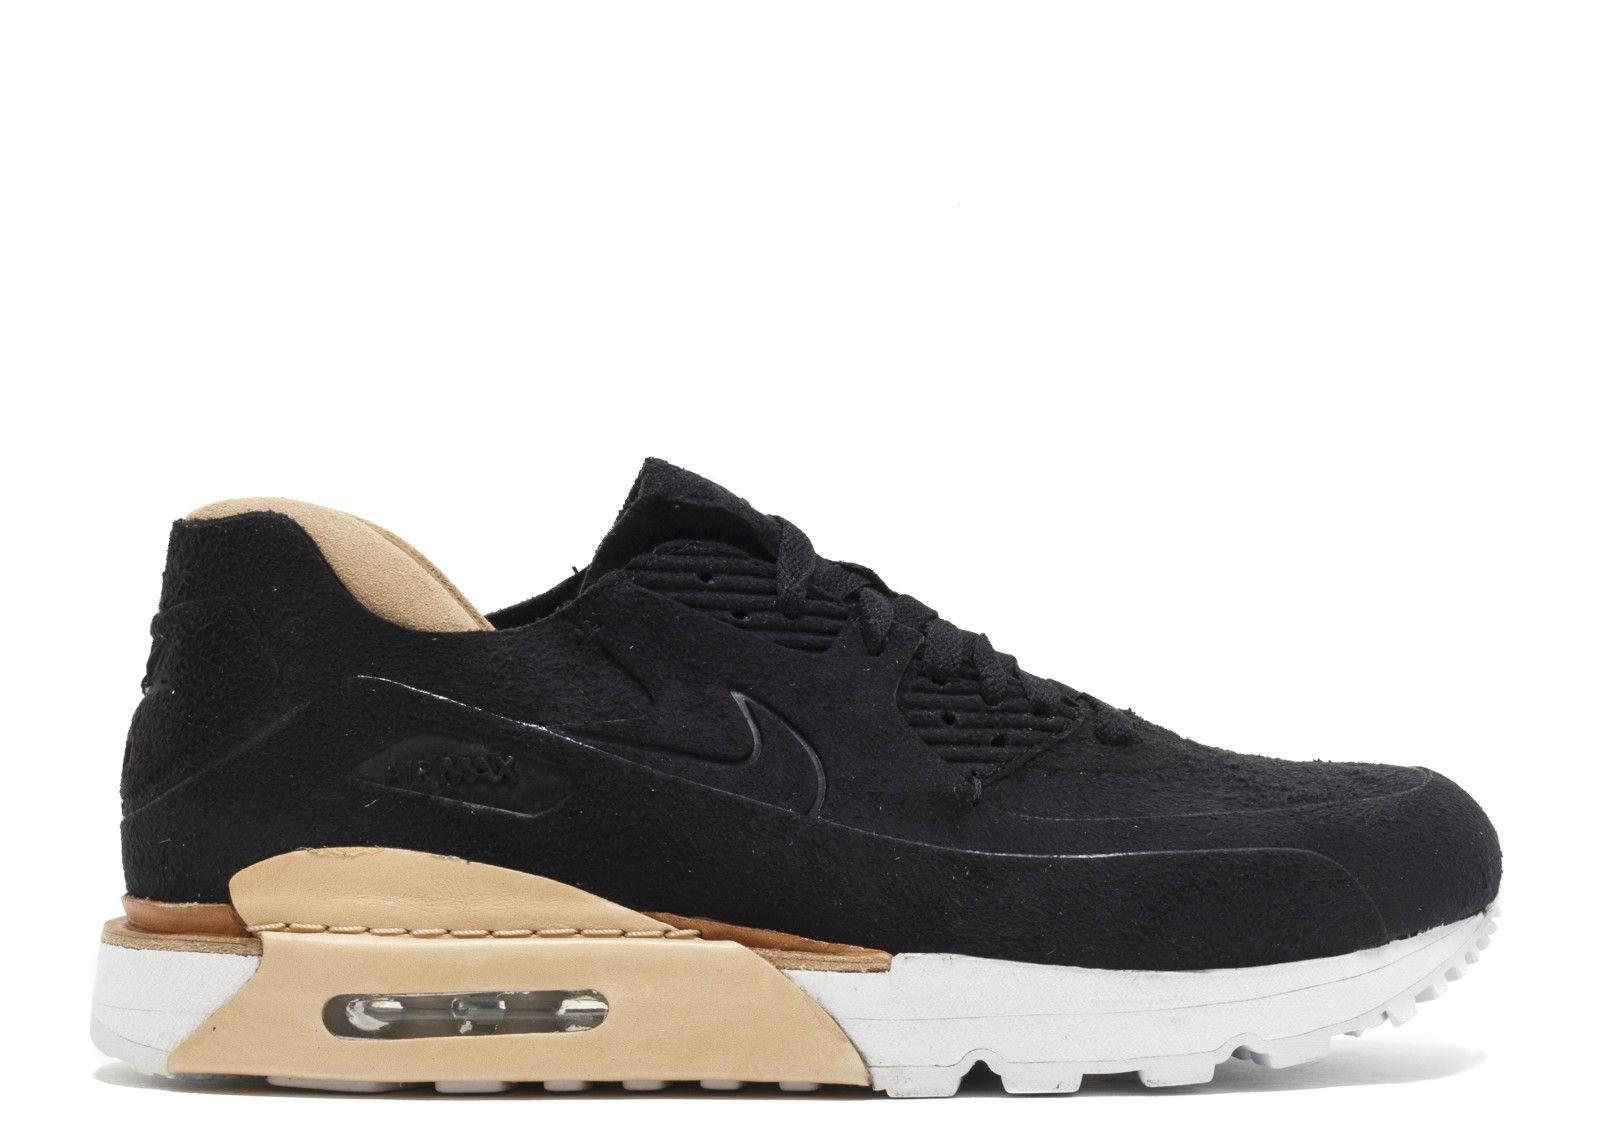 quality design 9617c 164f4 Air max 90 royal | S H O E S | Nike air max, Cheap nike air ...